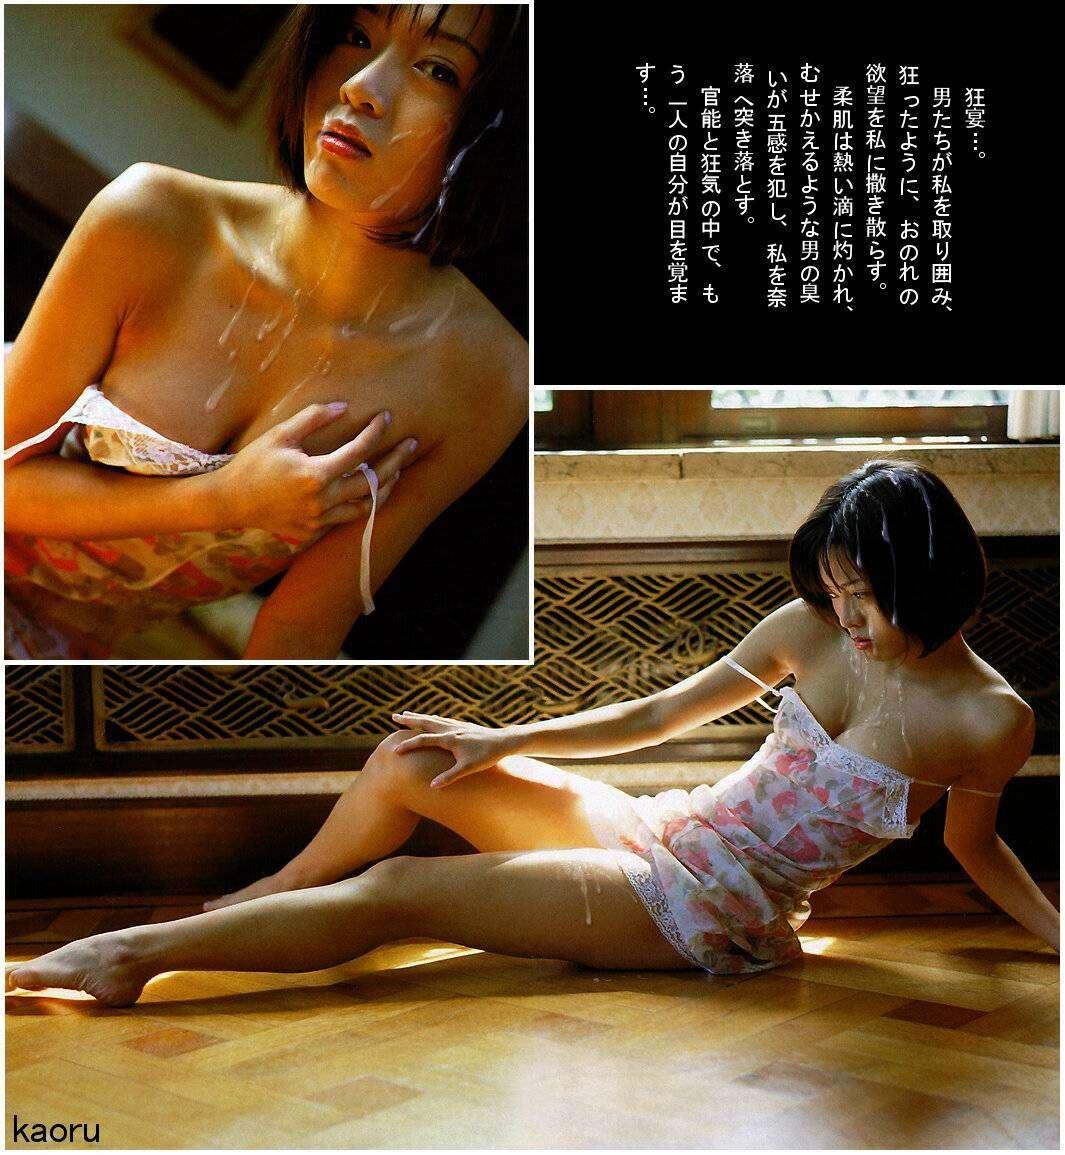 放送事故画像syakuyumikoのまとめ